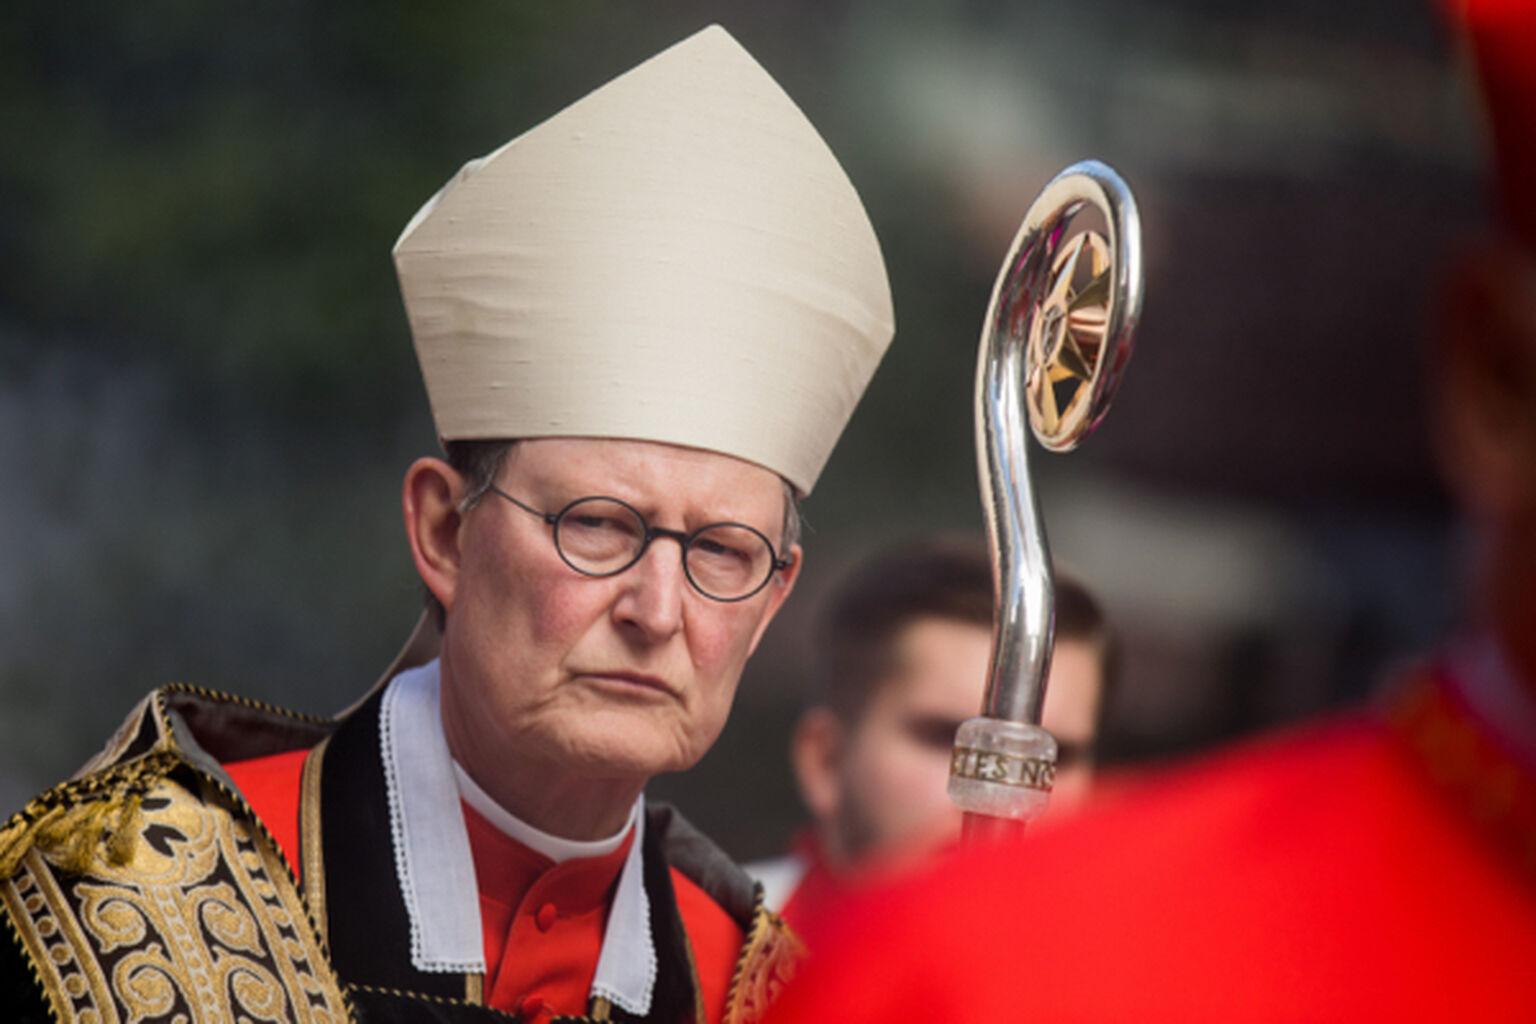 Cardenal Woelki